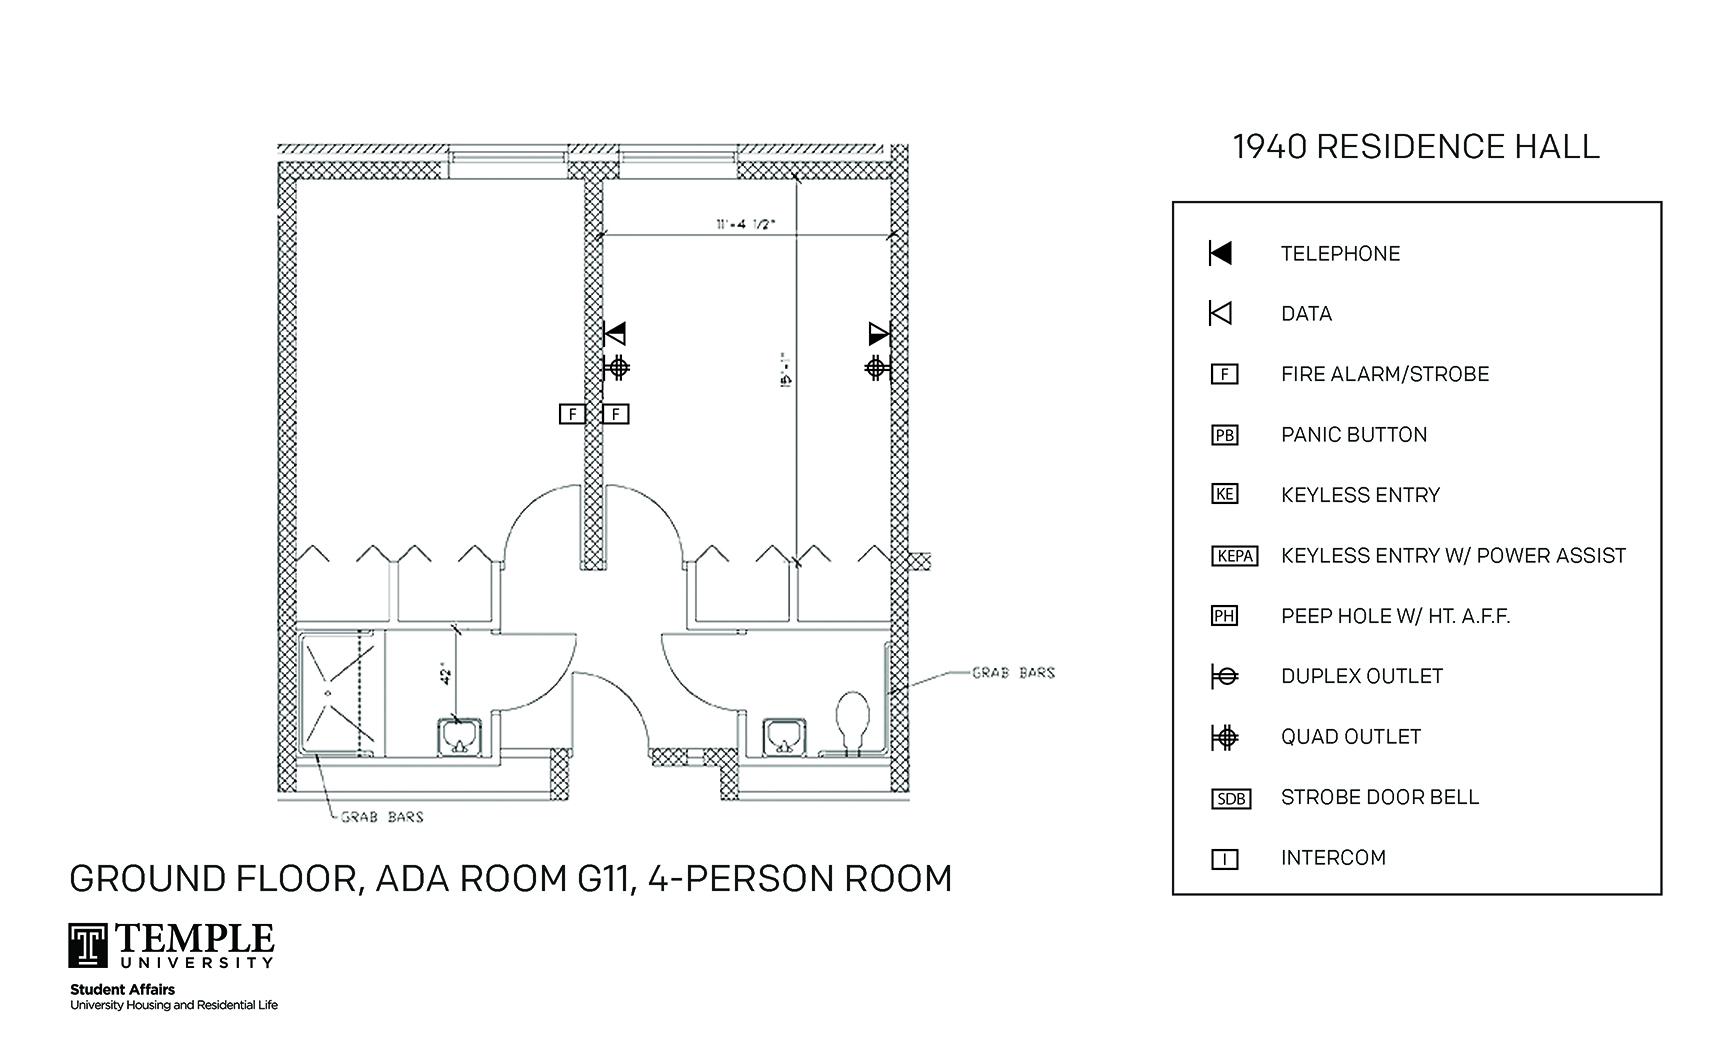 Accessible Room Diagrams: 4 person, 2 bedroom Suite - G11